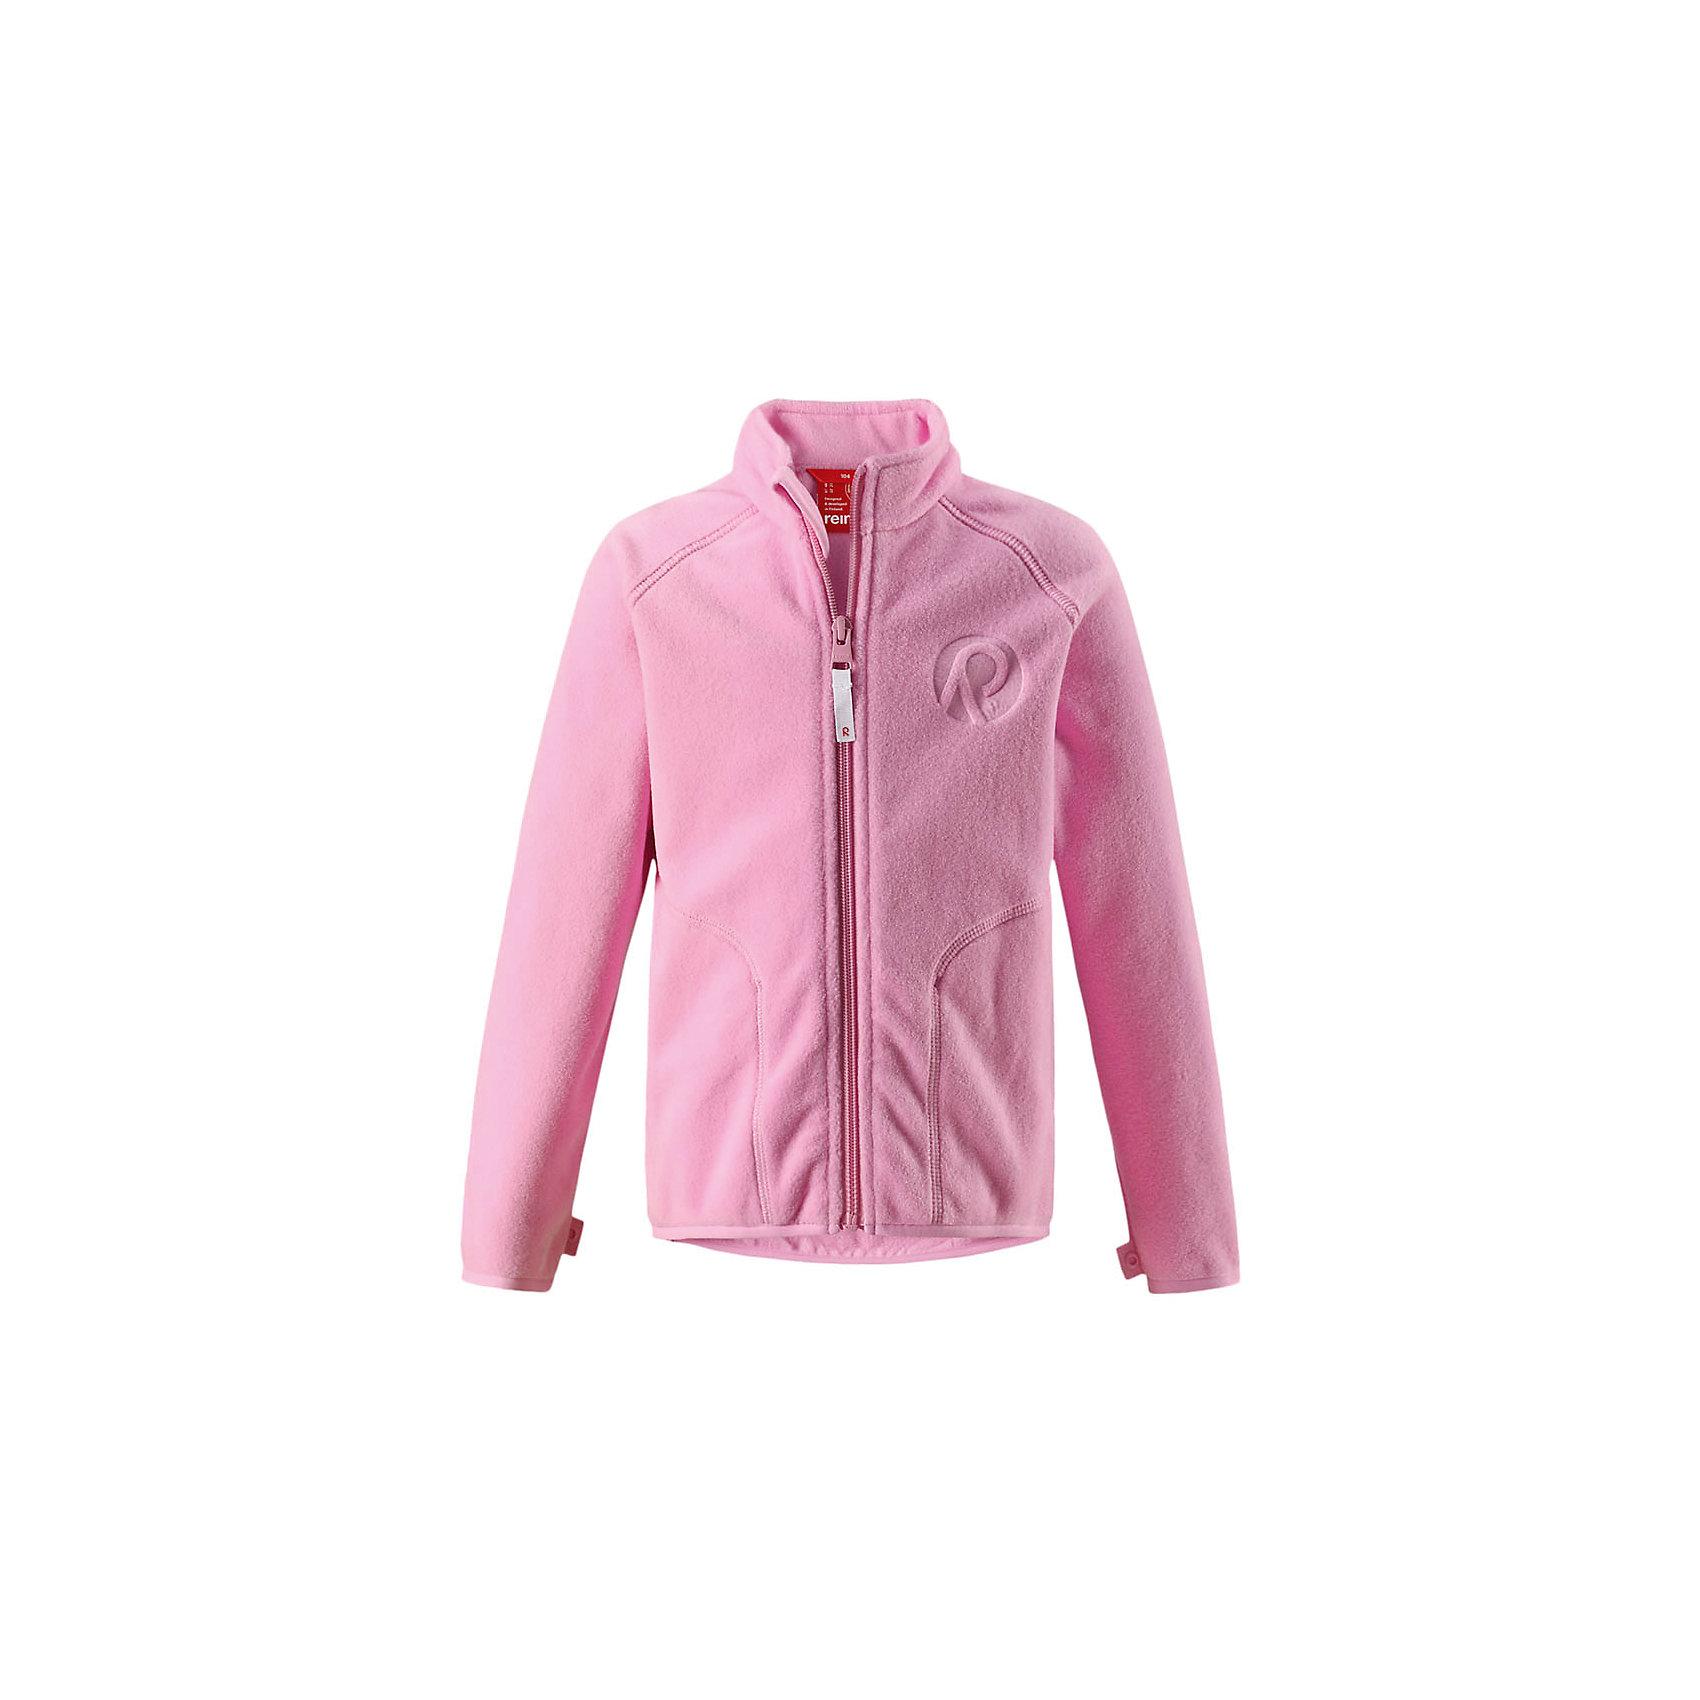 Флисовая кофта Reima InrunТолстовки<br>Супер удобная детская флисовая куртка превосходно послужит в качестве промежуточного слоя в морозные зимние дни – она теплая и очень мягкая на ощупь. Эта куртка изготовлена из легкого полярного флиса, дышащего и быстросохнущего материала. Молния во всю длину облегчает надевание, а защита для подбородка не дает поцарапать молнией шею и подбородок. <br><br>Эту практичную флисовую куртку легко можно пристегнуть к любой верхней одежде Reima®, оснащенной системой кнопок Play Layers®. Эта удобная куртка отлично подойдет для занятий в помещении – как раз для детского сада или школы. Два боковых кармана и украшение в виде красивого сплошного рисунка. Восхитительные расцветки – выбирай любую!<br>Состав:<br>100% Полиэстер<br><br>Ширина мм: 190<br>Глубина мм: 74<br>Высота мм: 229<br>Вес г: 236<br>Цвет: розовый<br>Возраст от месяцев: 108<br>Возраст до месяцев: 120<br>Пол: Унисекс<br>Возраст: Детский<br>Размер: 140,110,92,98,104,116,122,128,134<br>SKU: 6901863